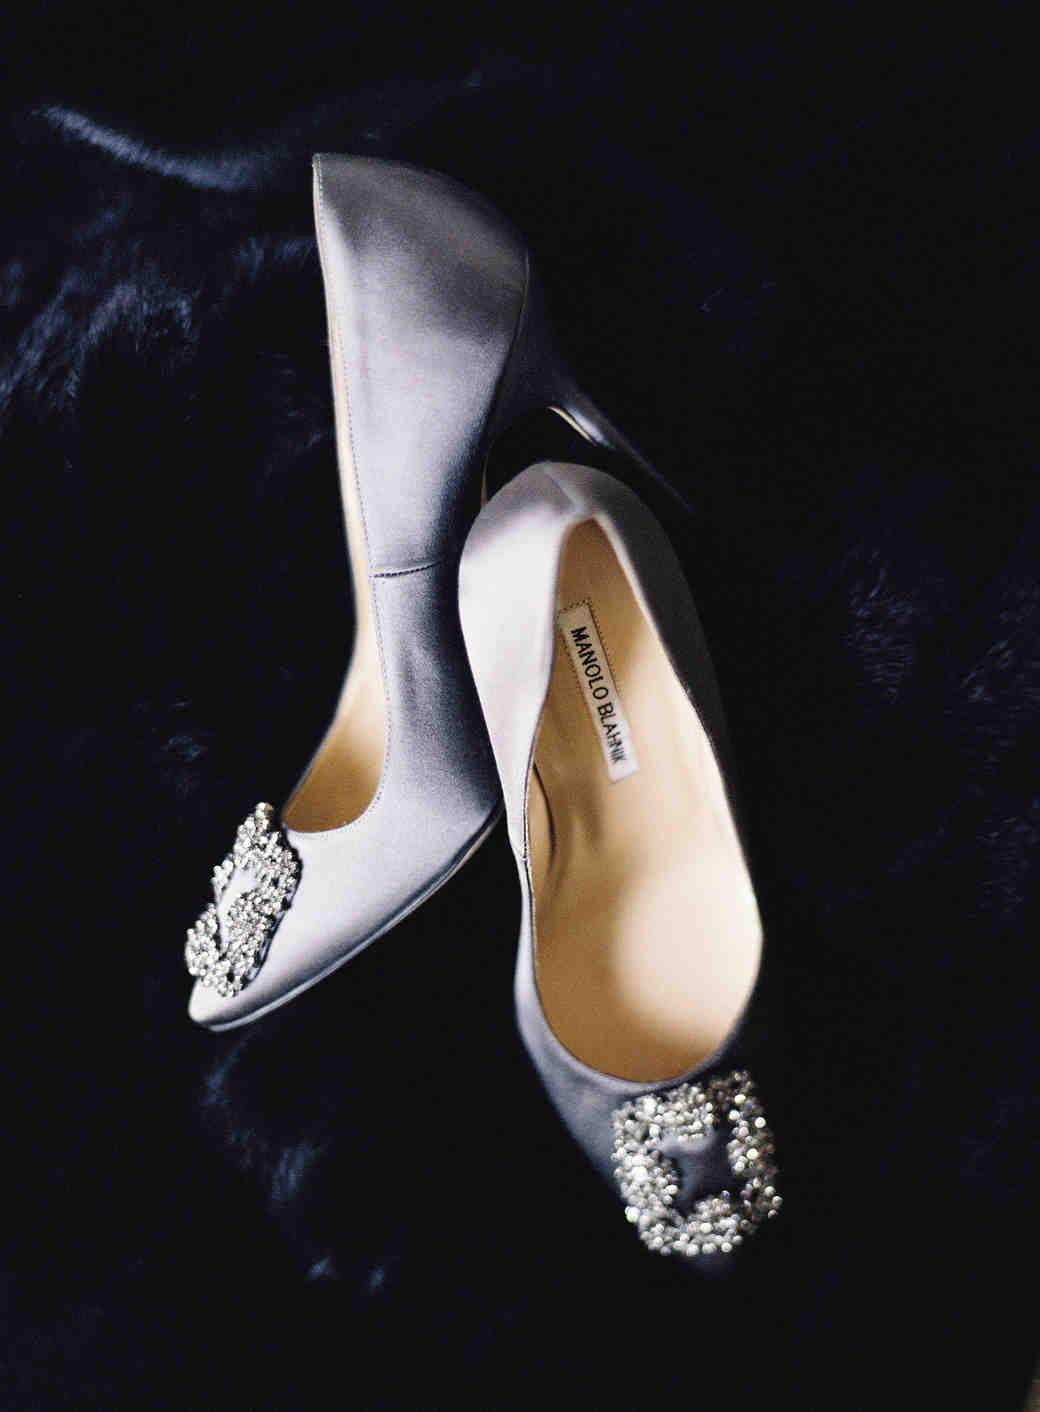 bliss-weddings-events-fall-beauty-tips-1016.jpg (skyword:348348)